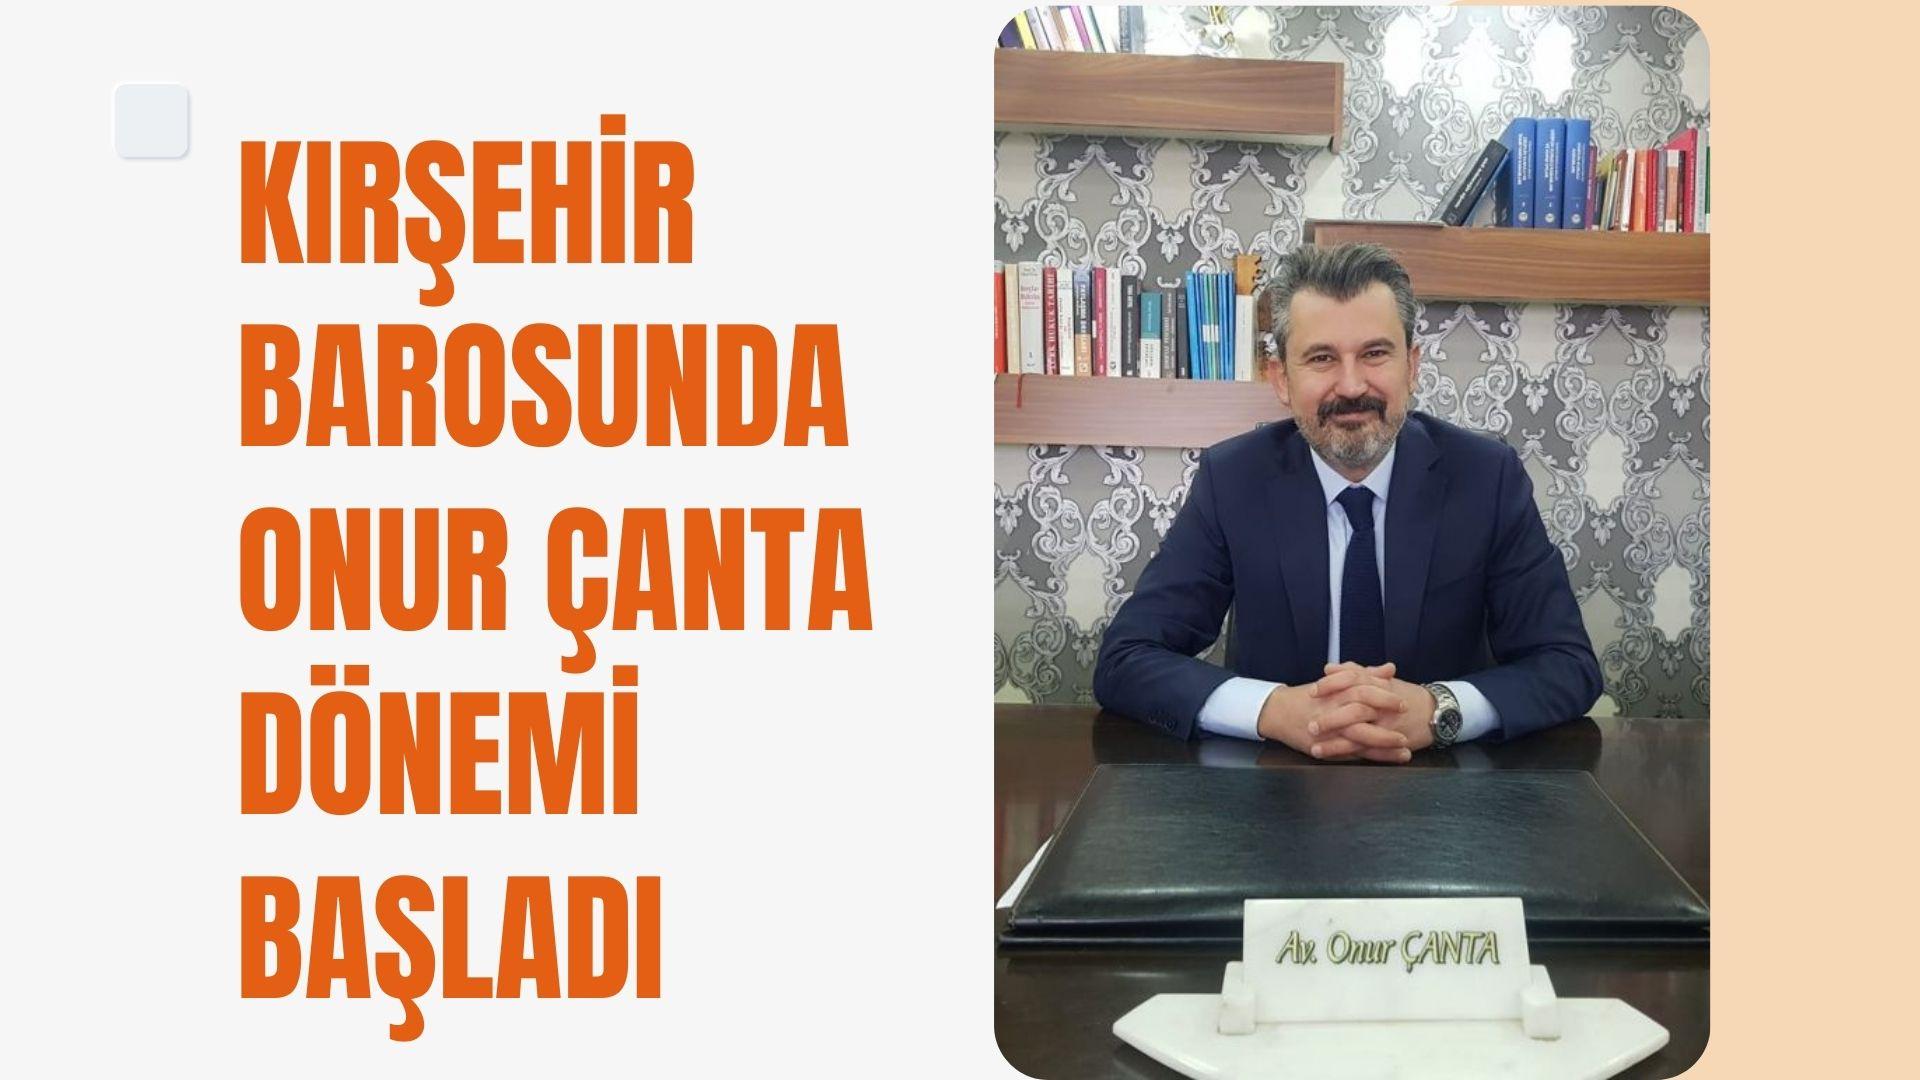 Kırşehir Baro Başkanı Onur Çanta oldu